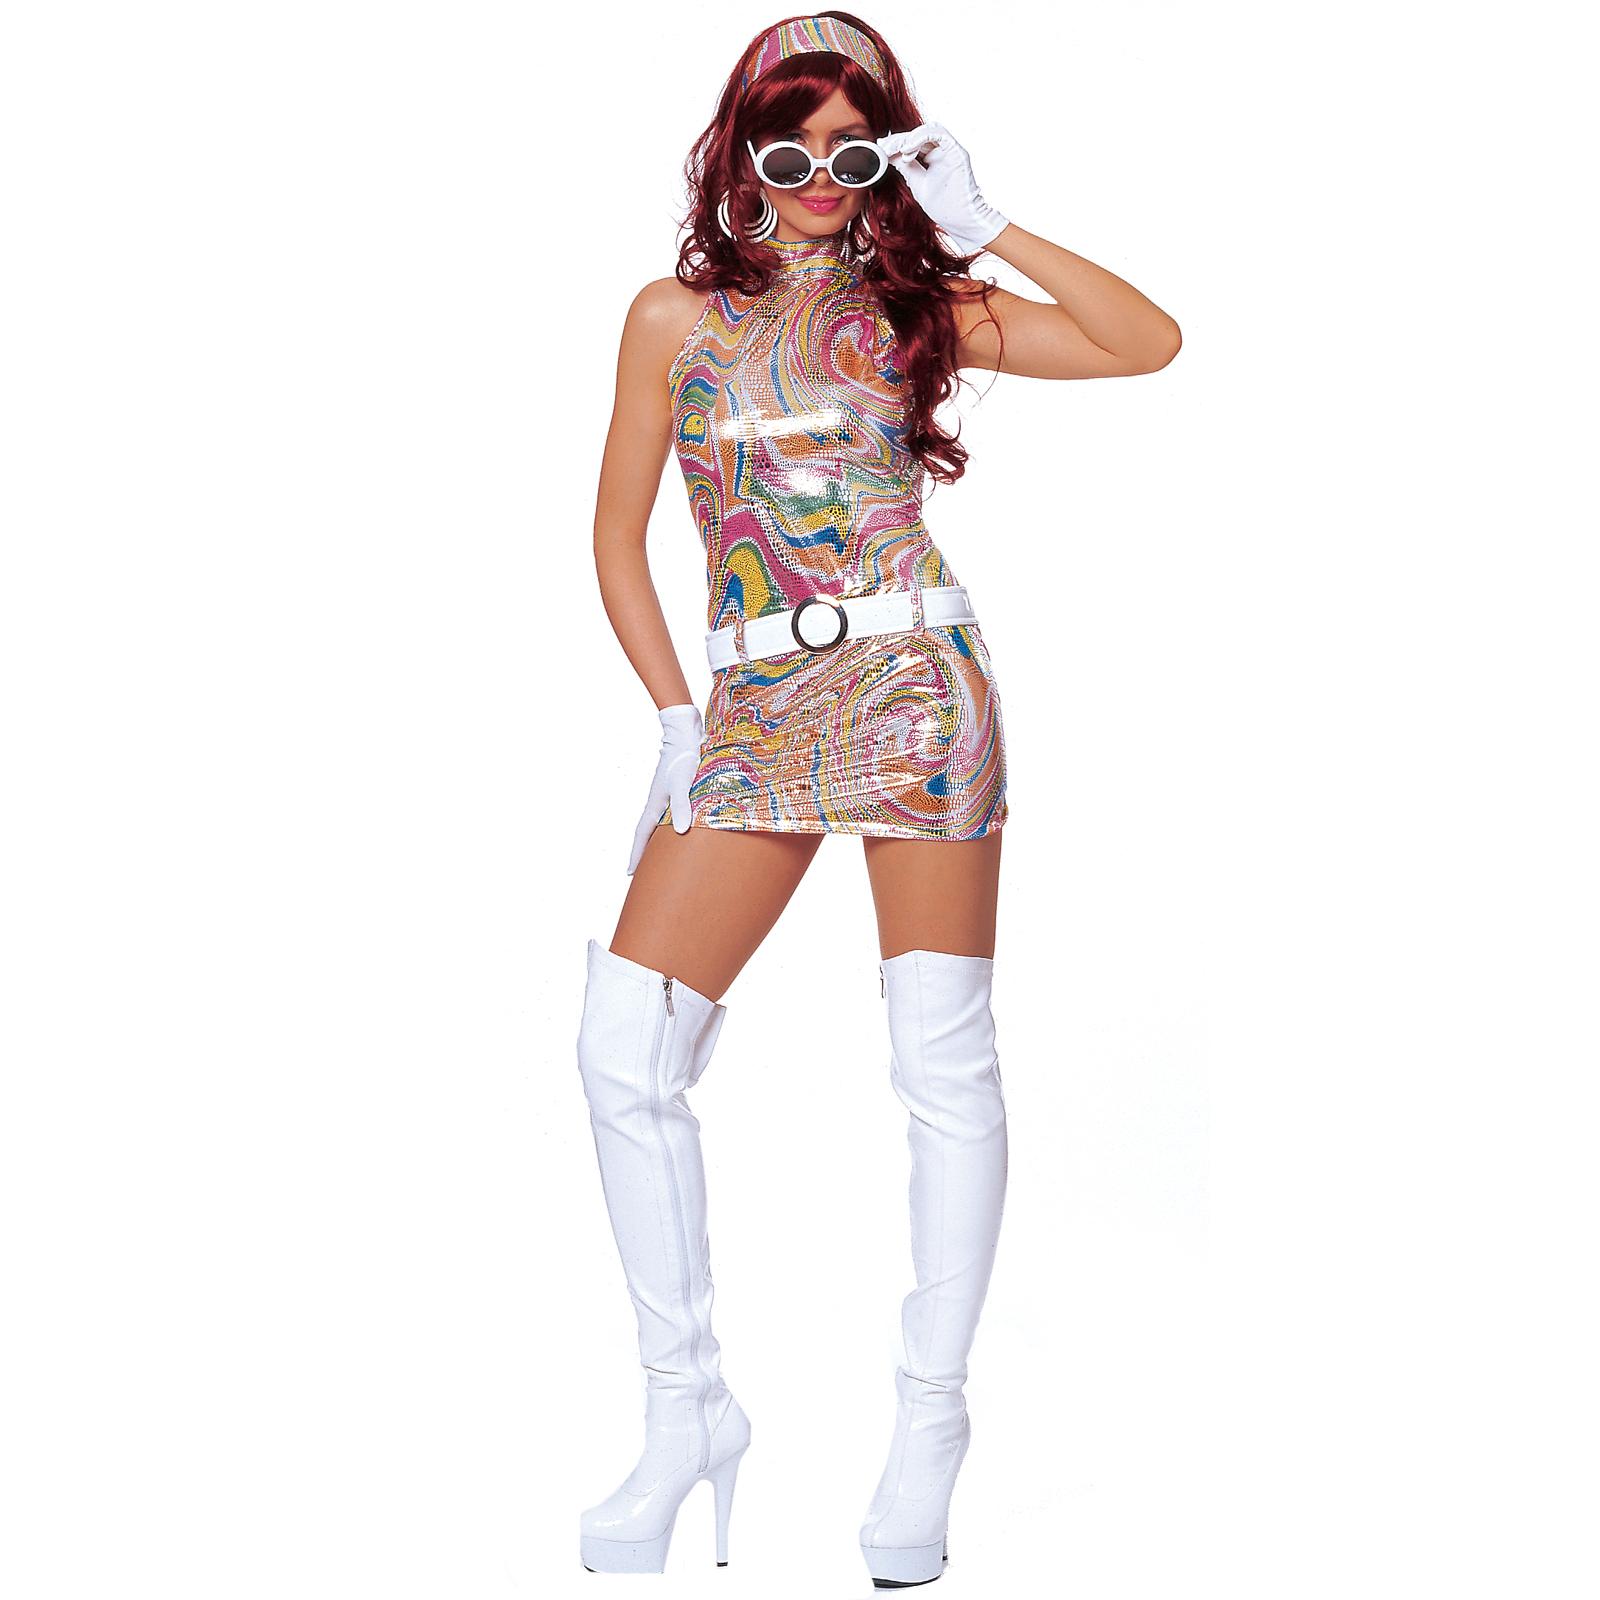 http://images.buycostumes.com/mgen/merchandiser/21688.jpg